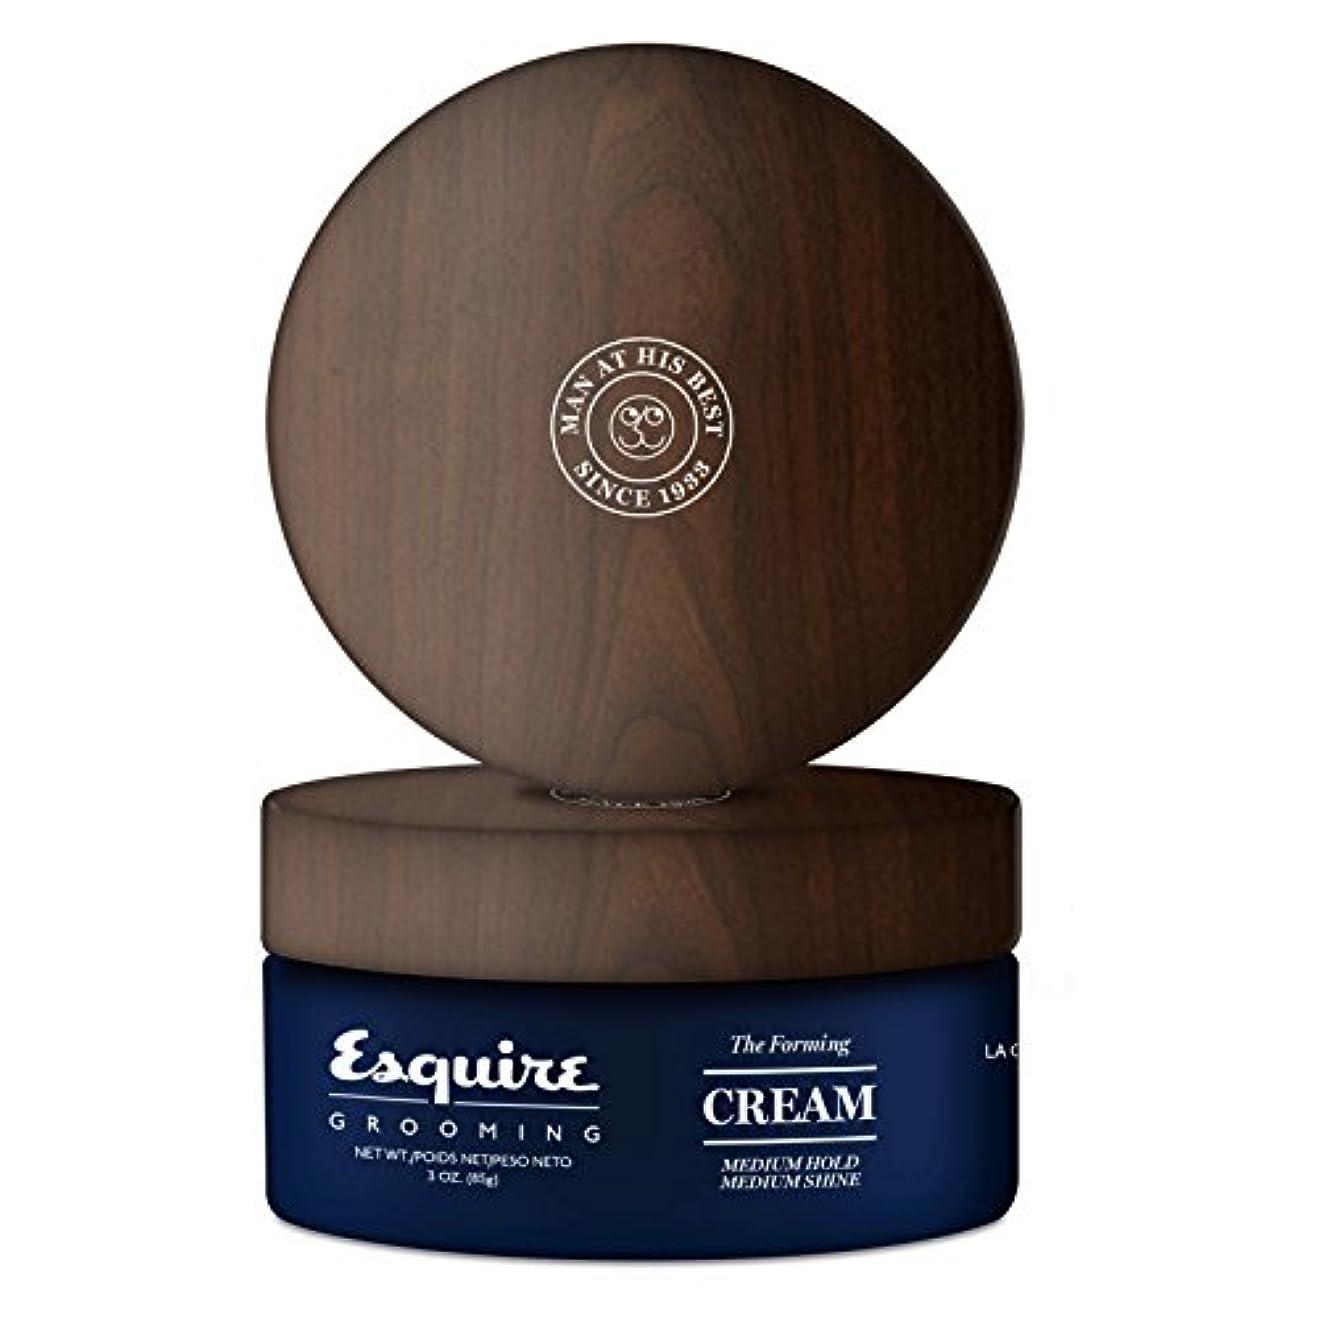 程度バルク試験CHI Esquire Grooming The Forming Cream (Medium Hold, Medium Shine) 85g/3oz並行輸入品